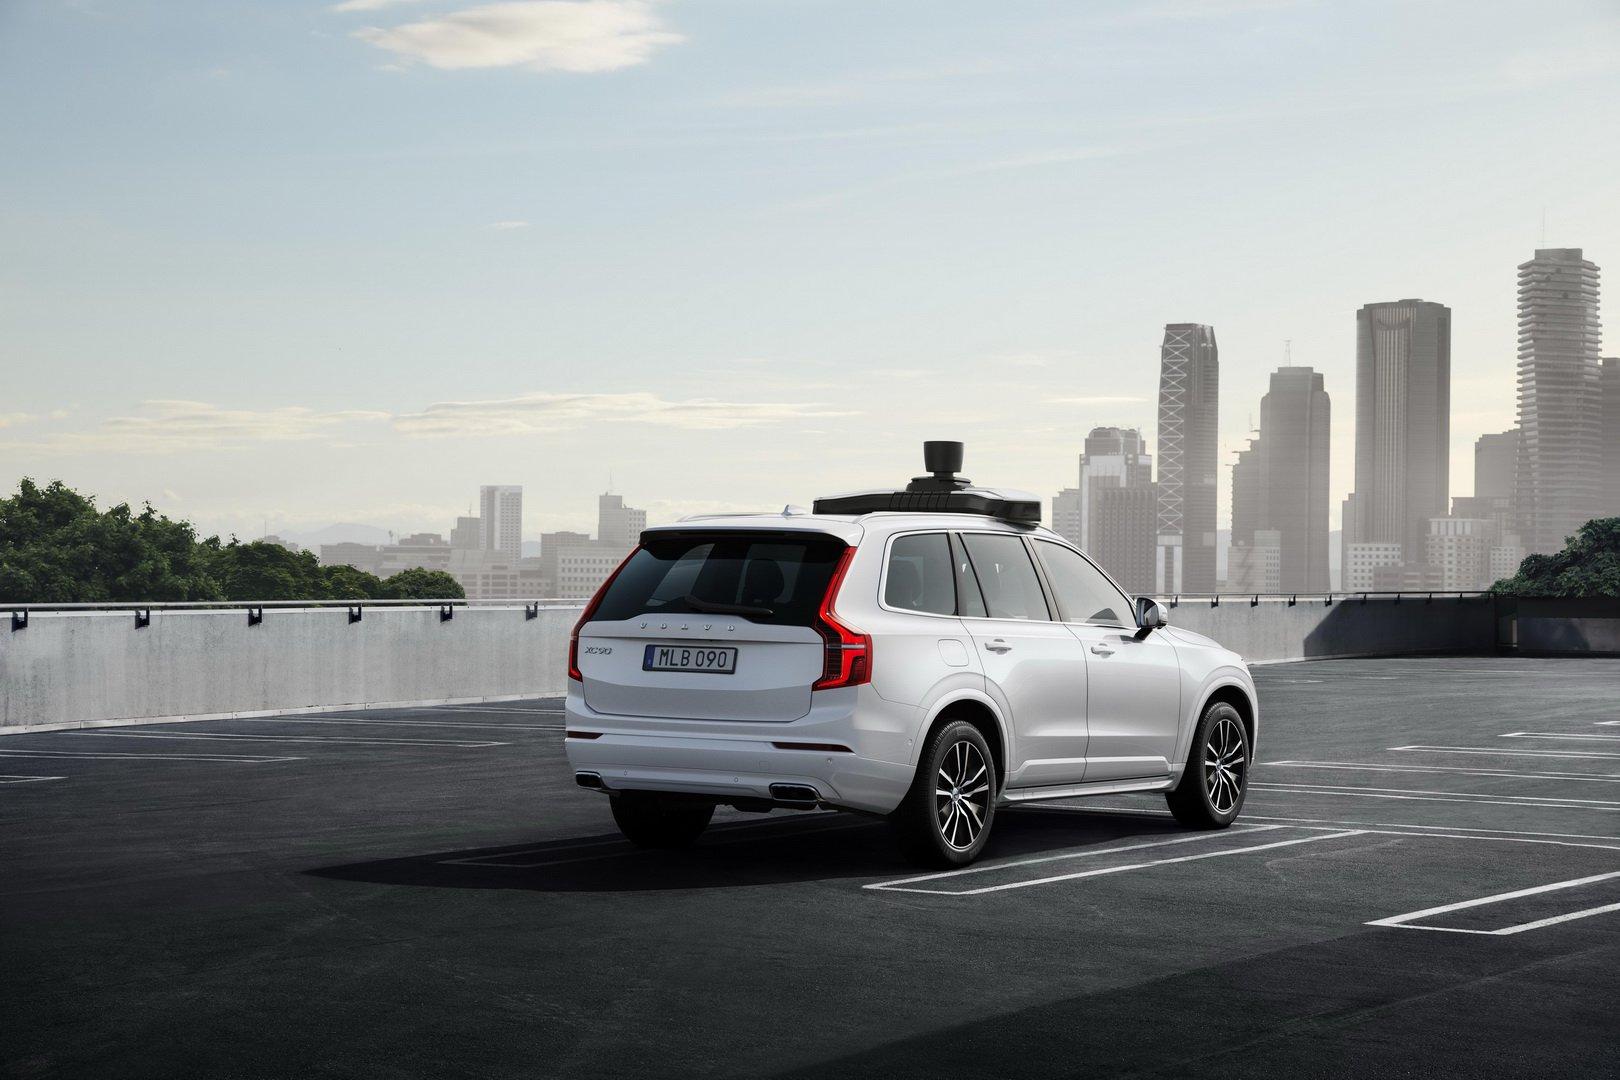 Volvo-XC90-autonomous-Uber-7